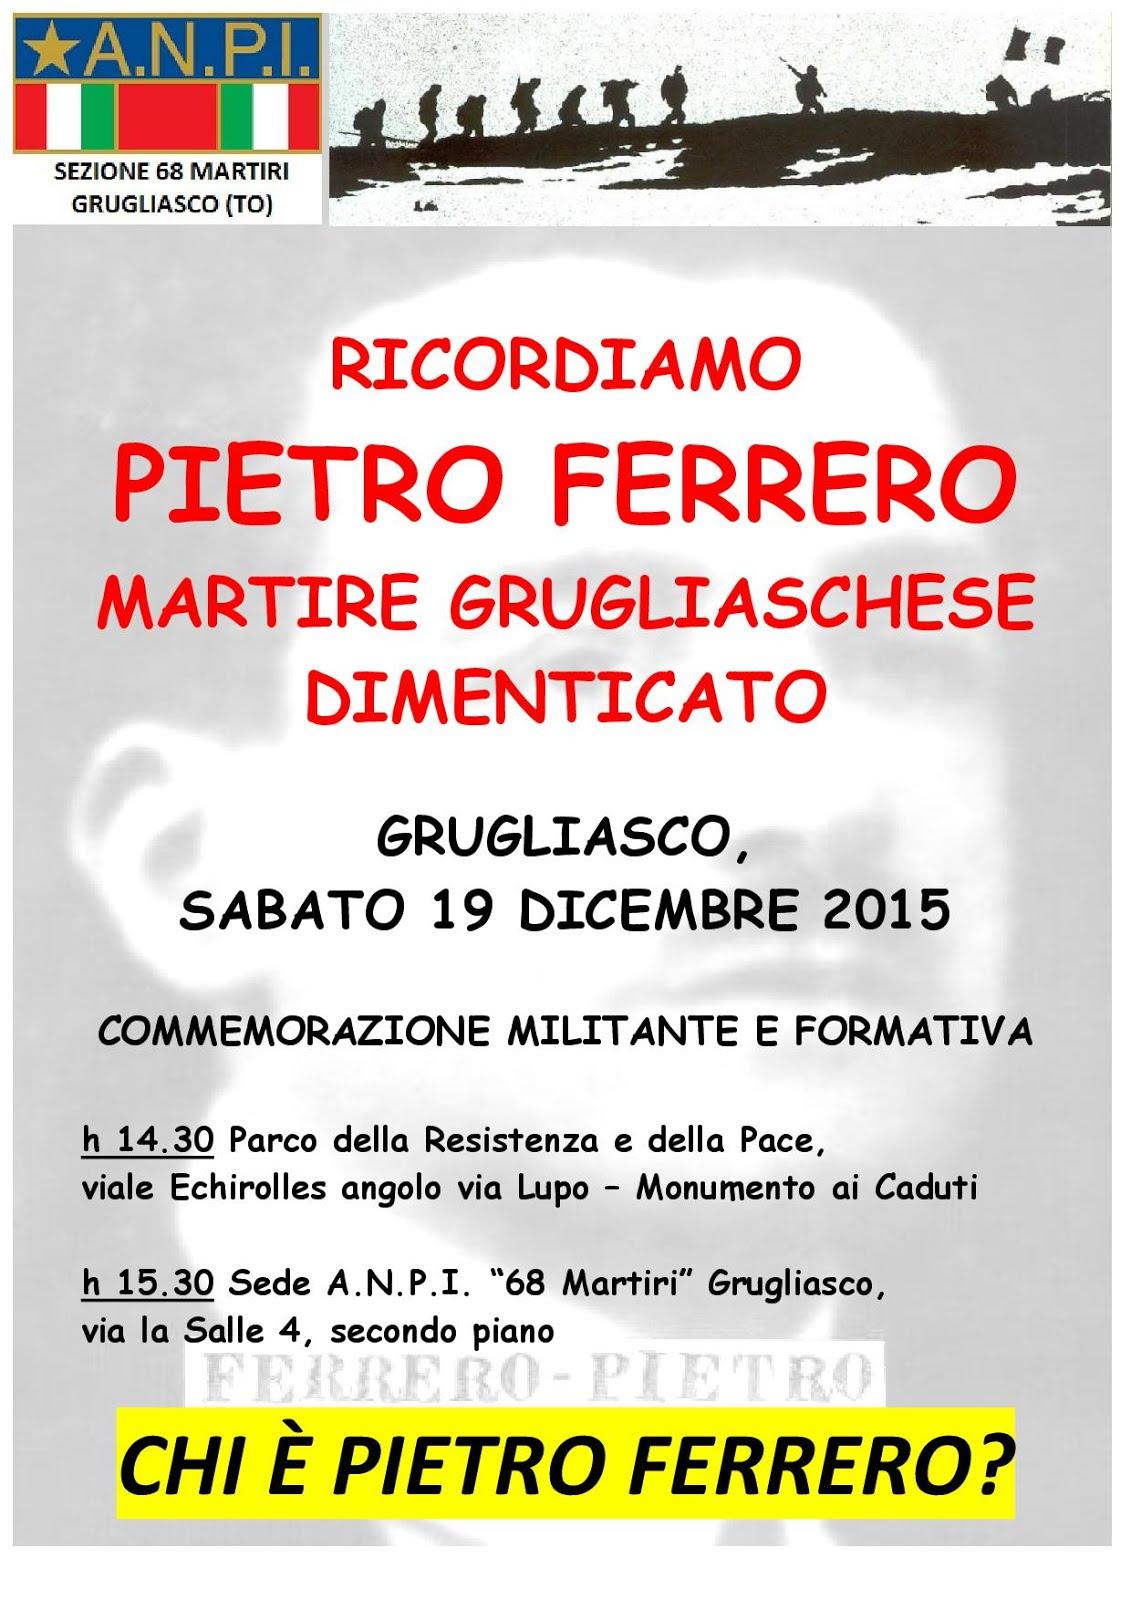 Ricordiamo Pietro Ferrero, Martire Grugliaschese dimenticato